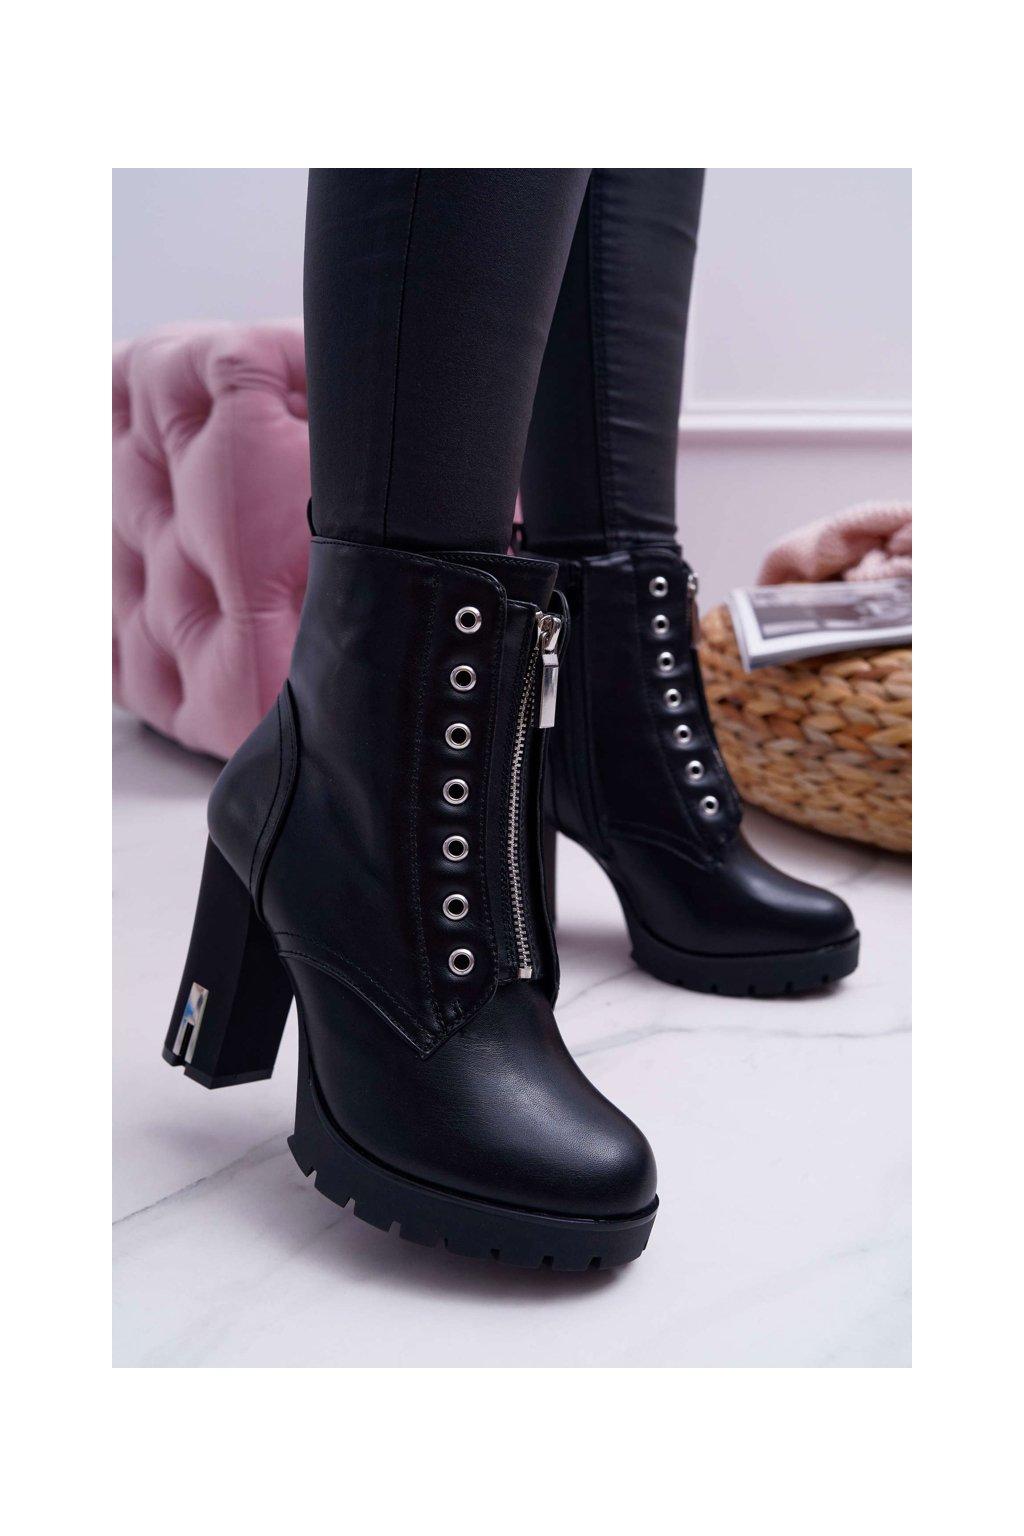 Dámske členkové topánky na podpätku s ozdobným zipsom čierne Imagine